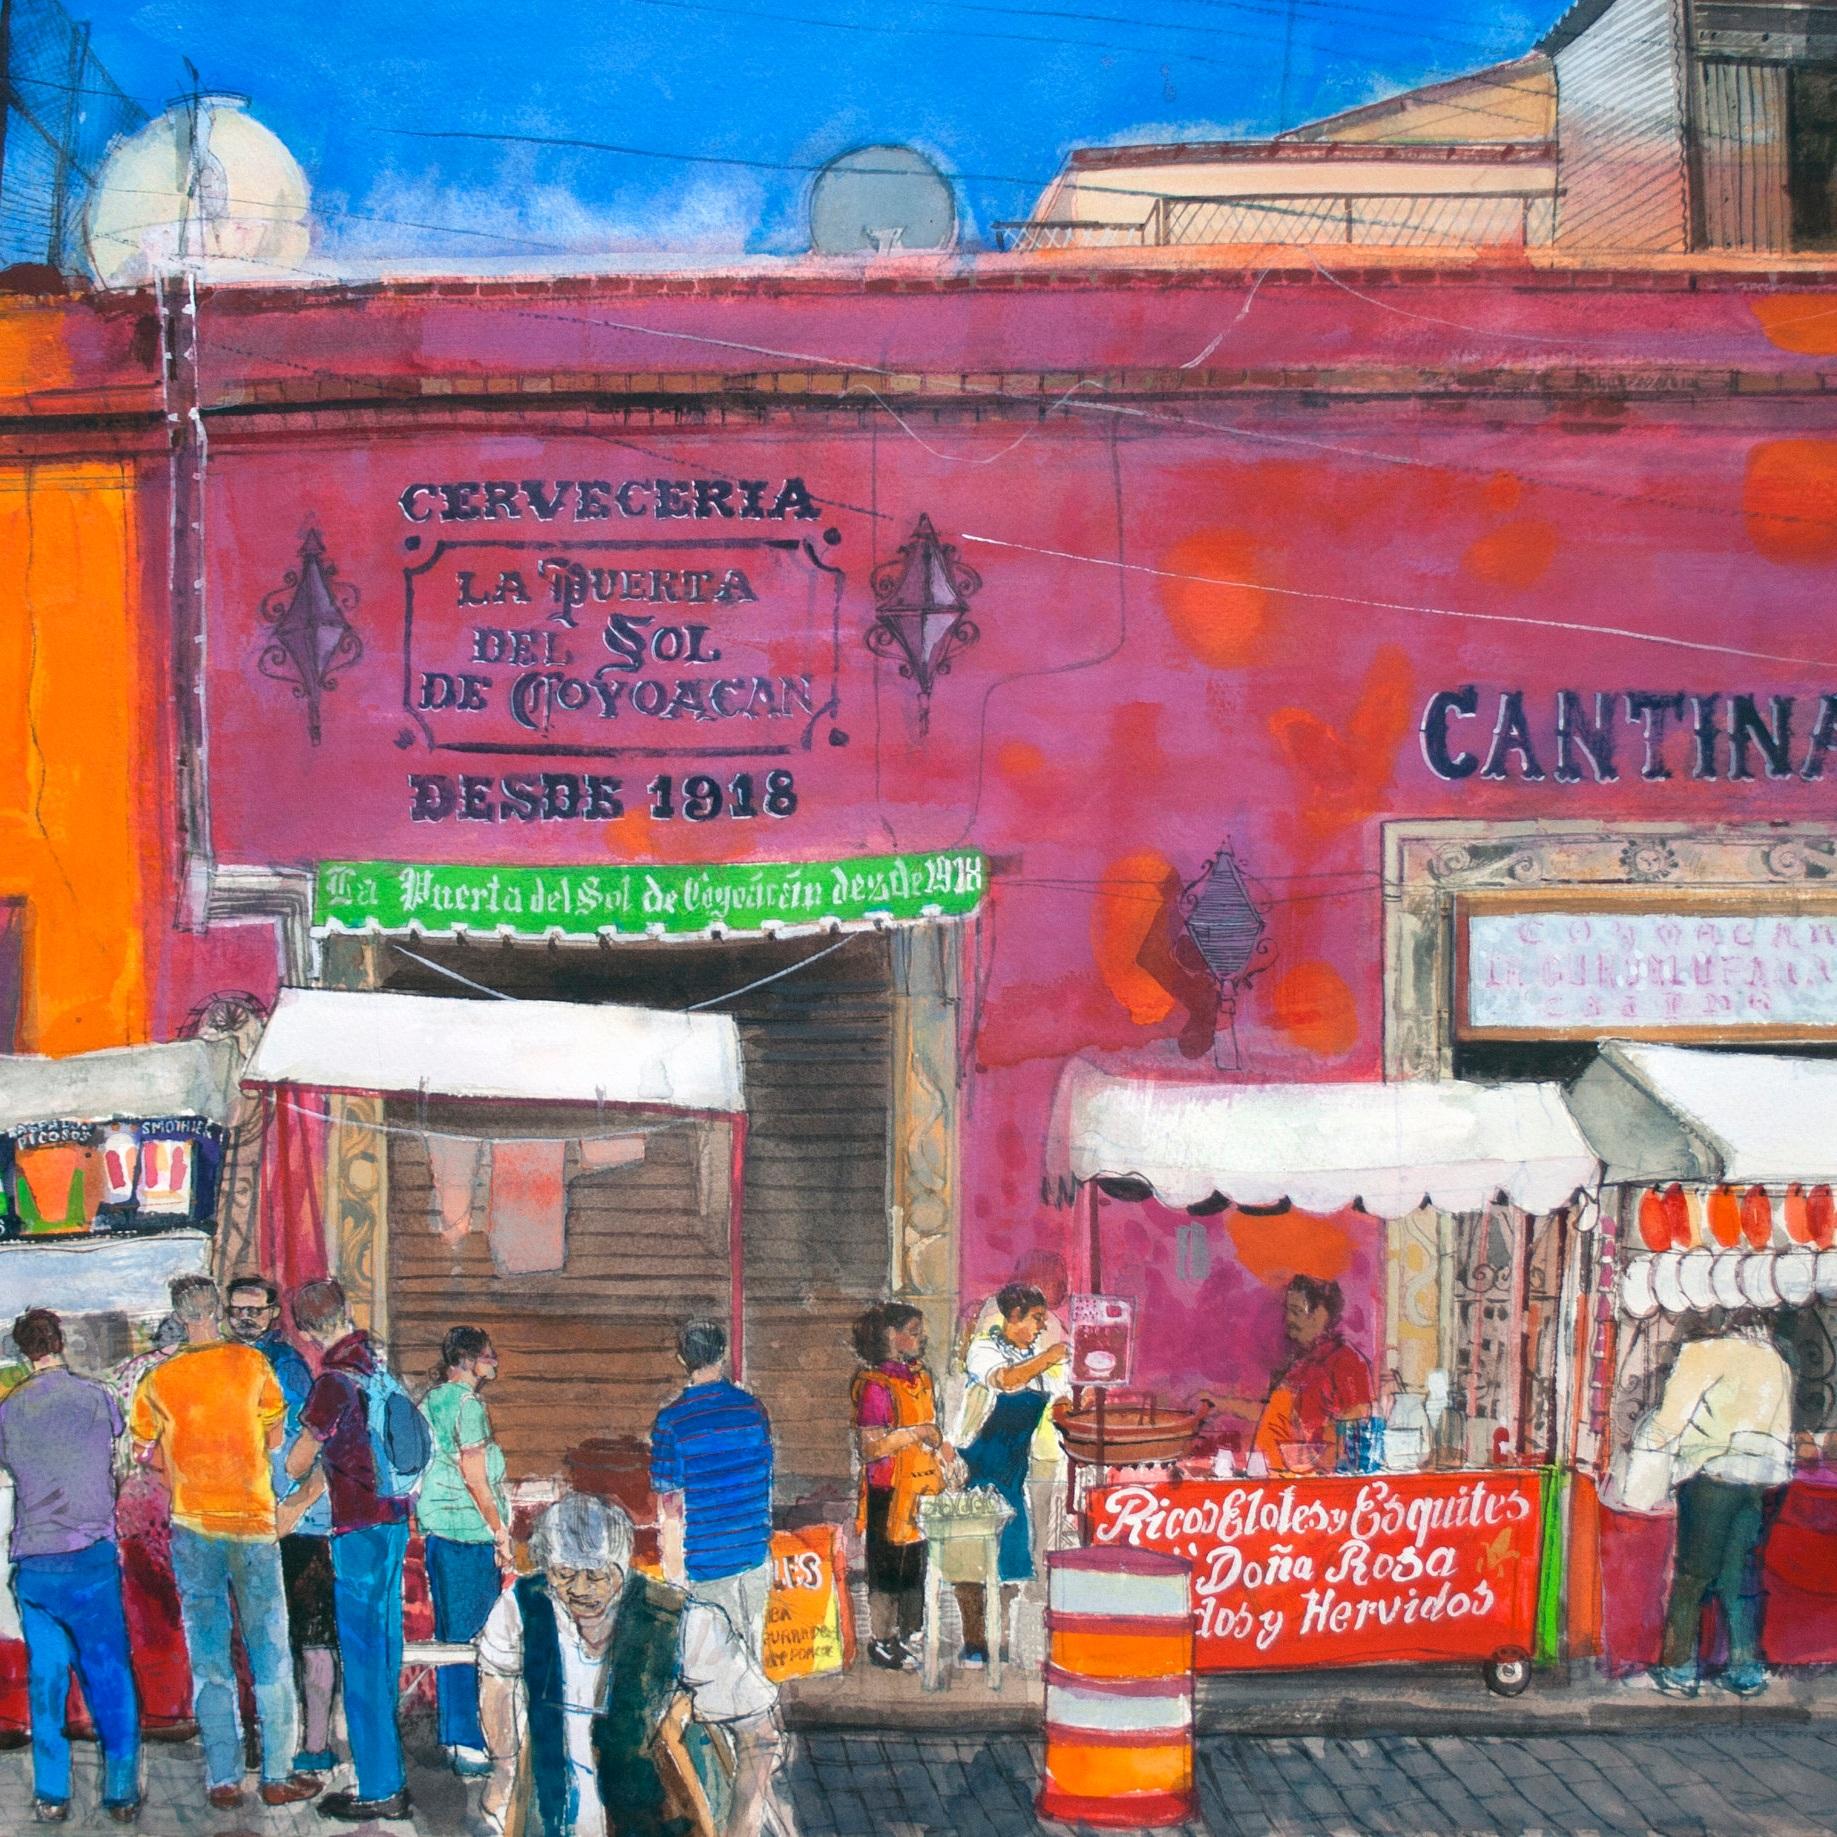 Calle+Caballocalco+Mexico+City+watercolour+Peter+Quinn+RWS+55x76cm+WEB.jpg